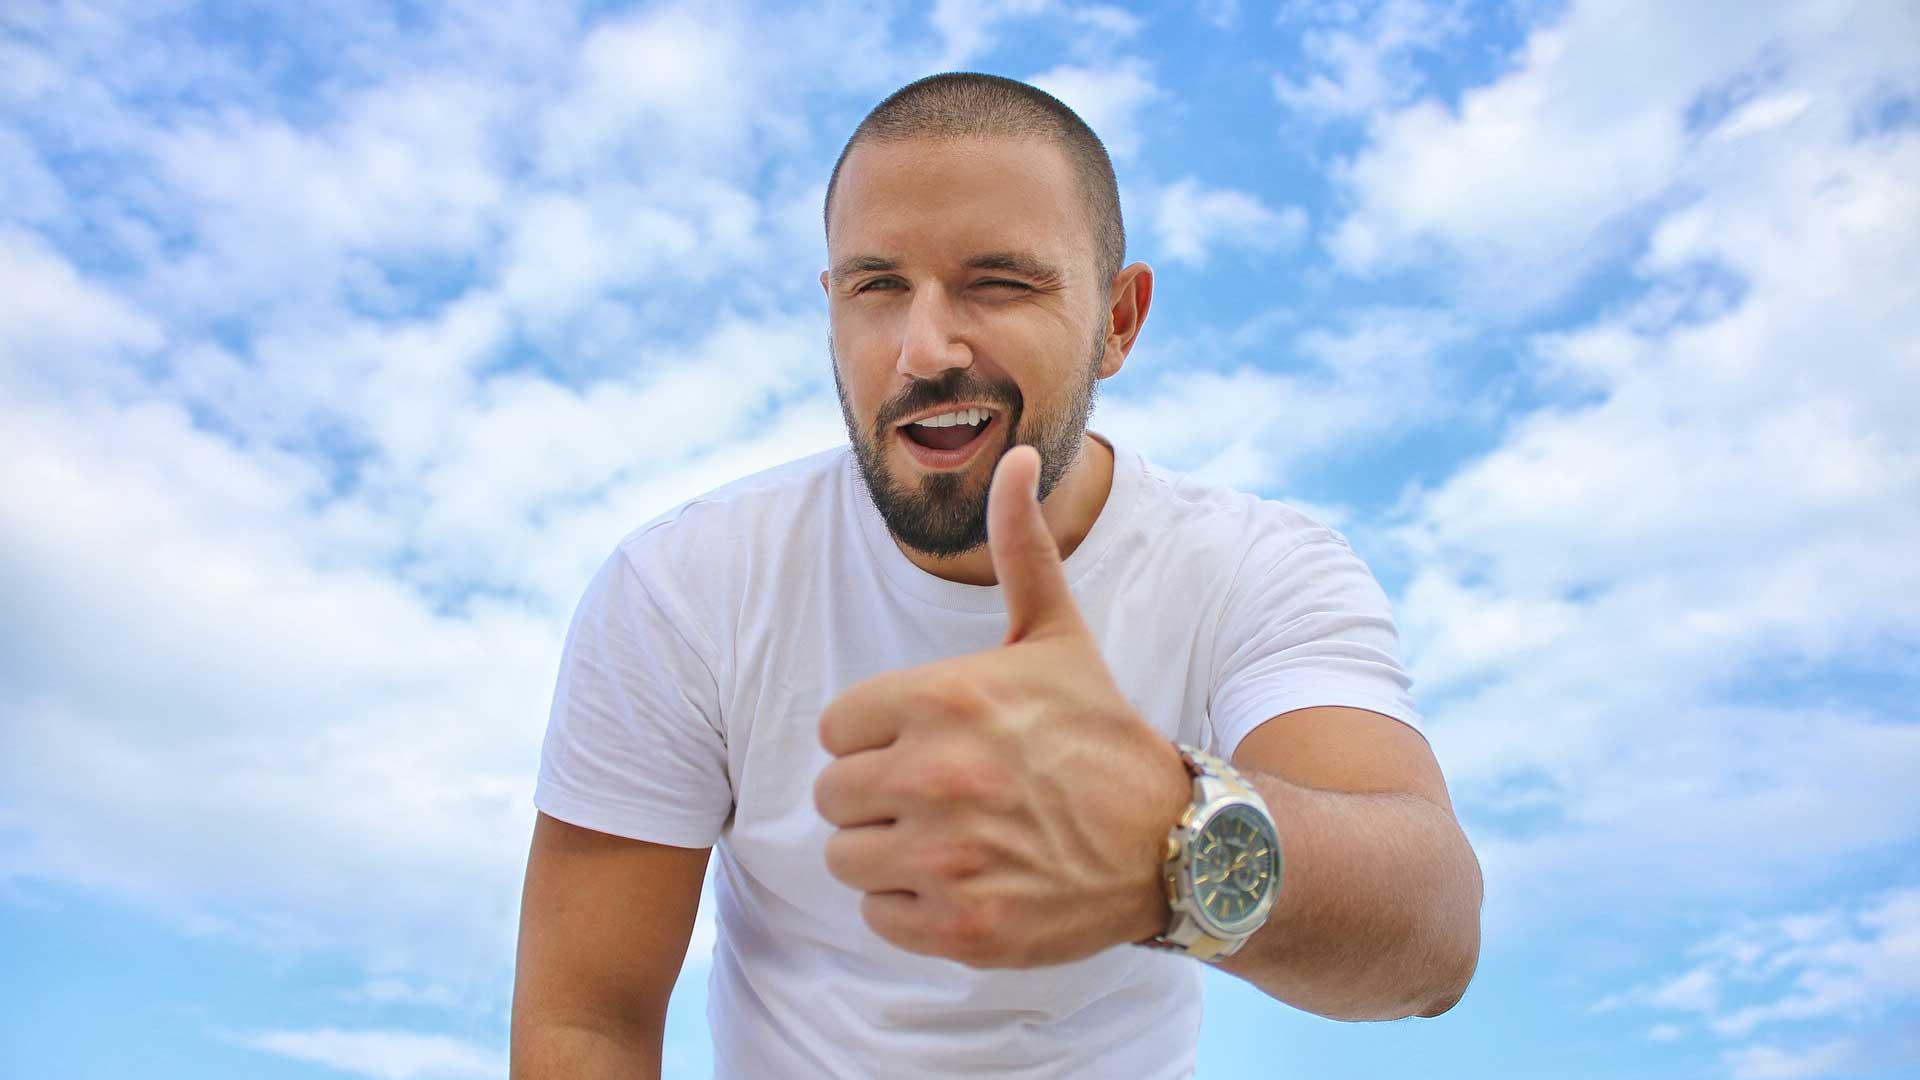 Kako poboljšati prodaju? Pustite bradu!